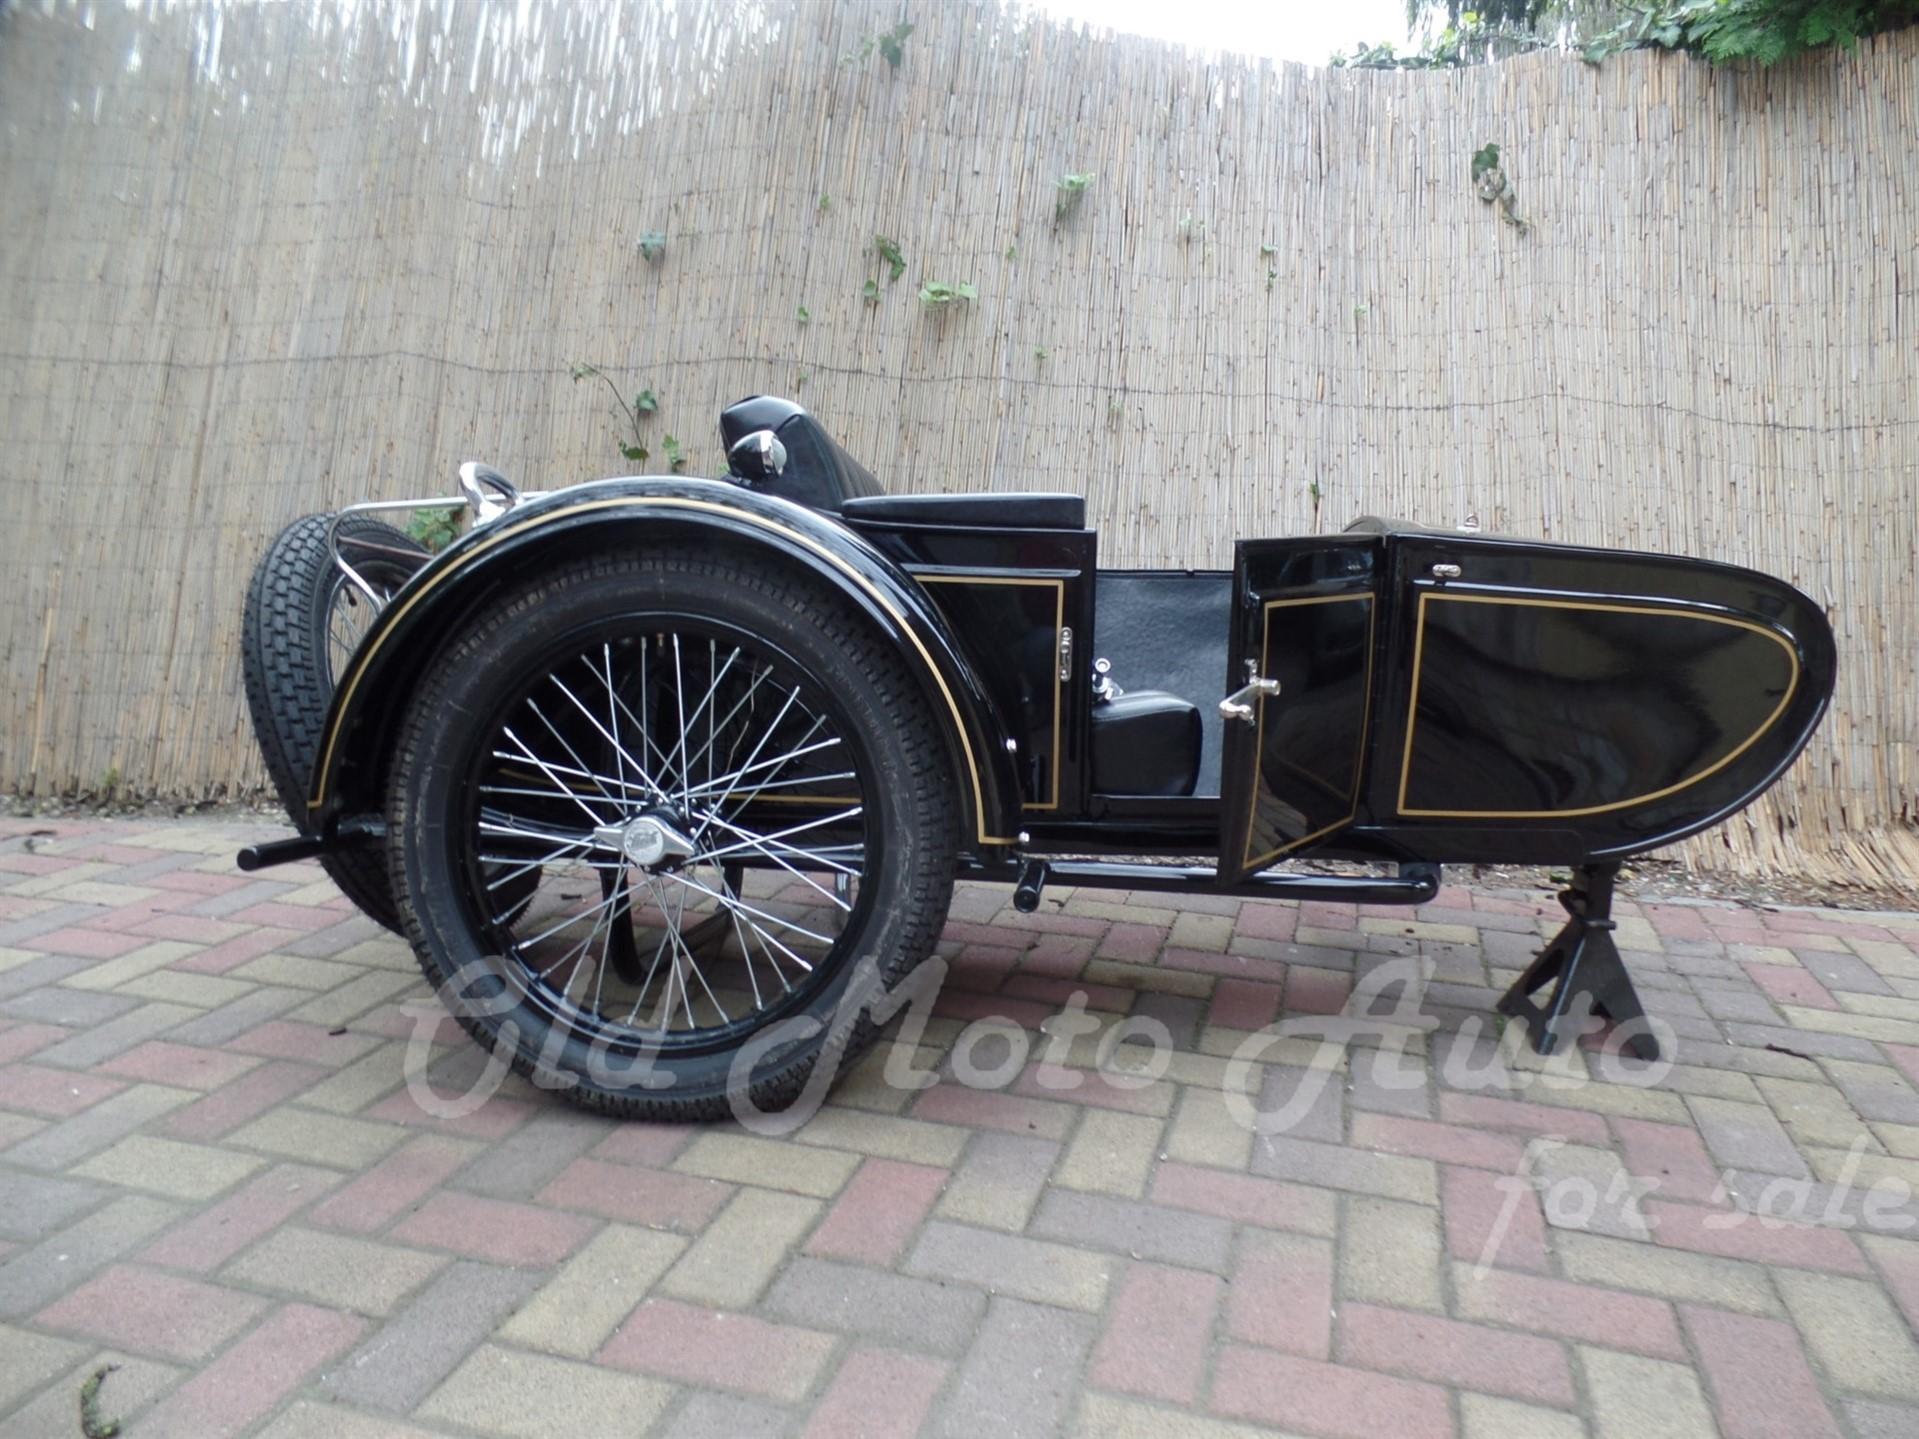 Steib NR 14 Sidecar